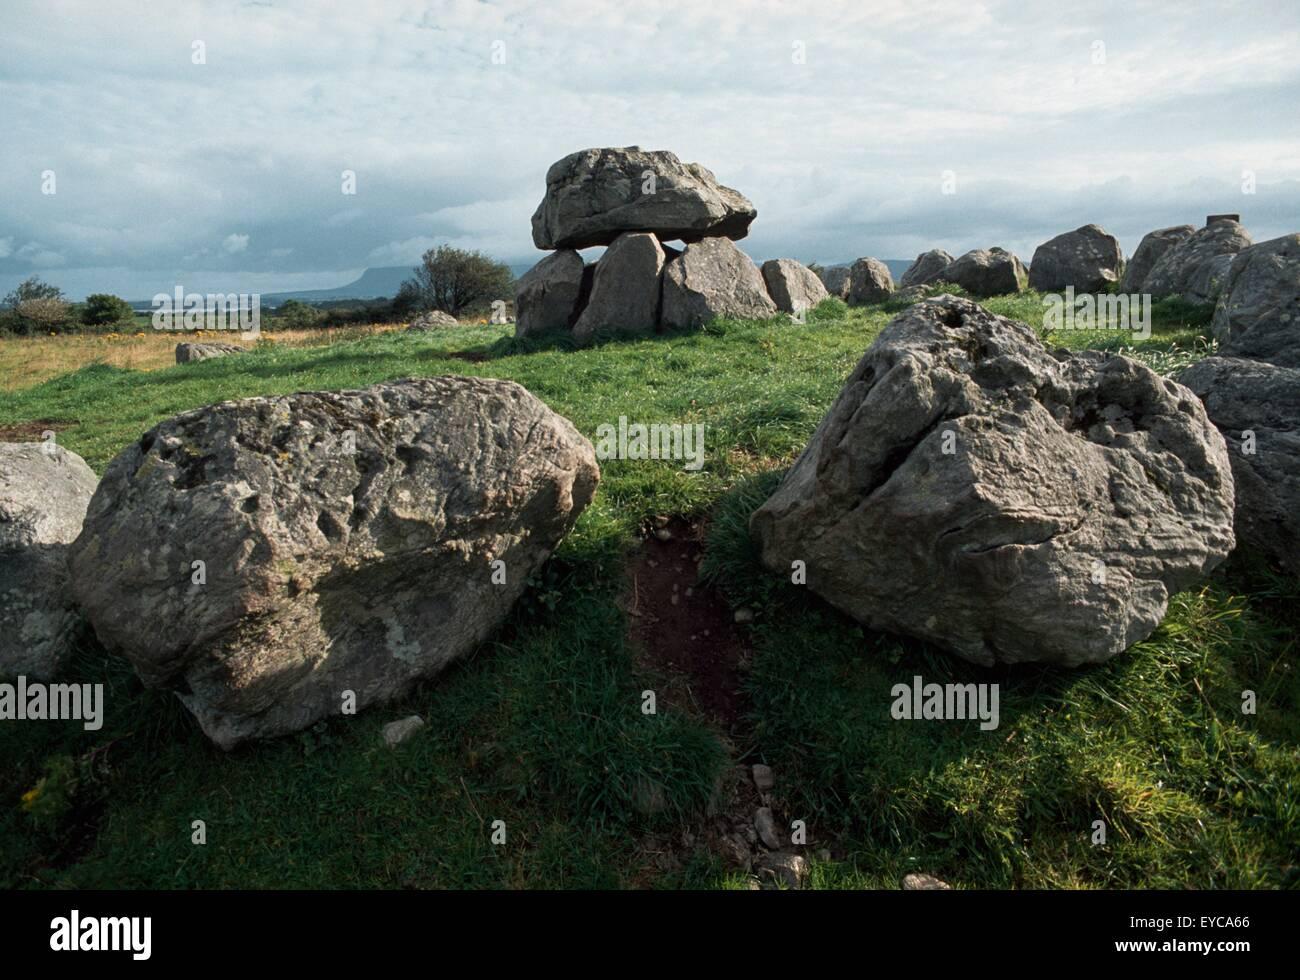 Carrowmore, Co Sligo, Irland; Dolmen innerhalb von ein Steinkreis bei einer prähistorischen rituelle Landschaft Stockbild